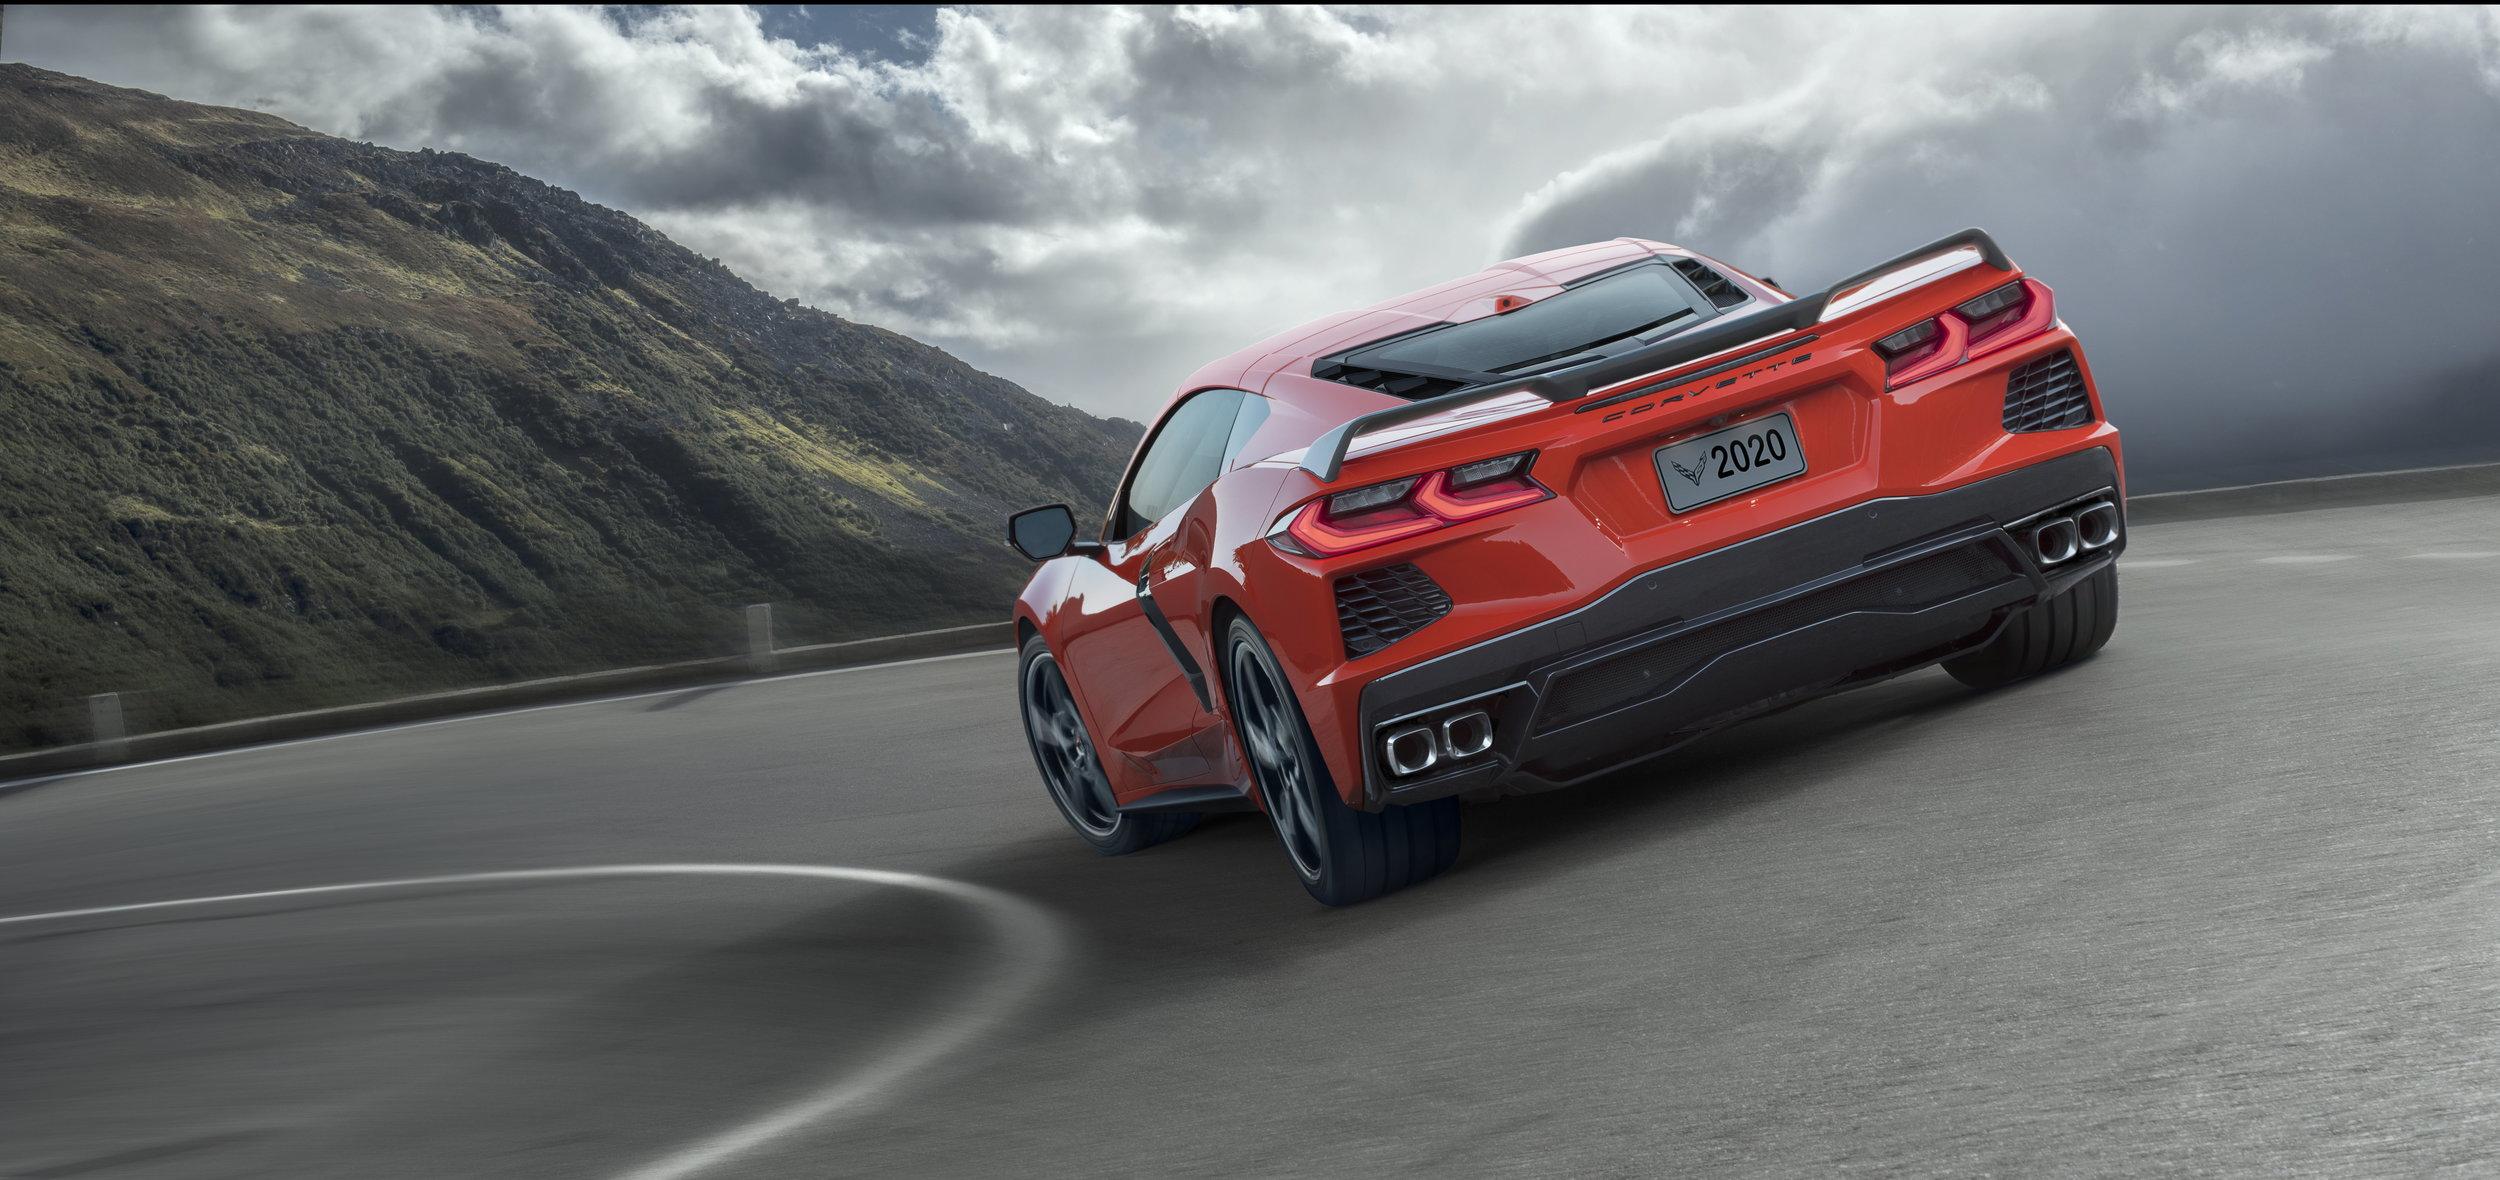 2020-Chevrolet-Corvette-Stingray-003.jpg